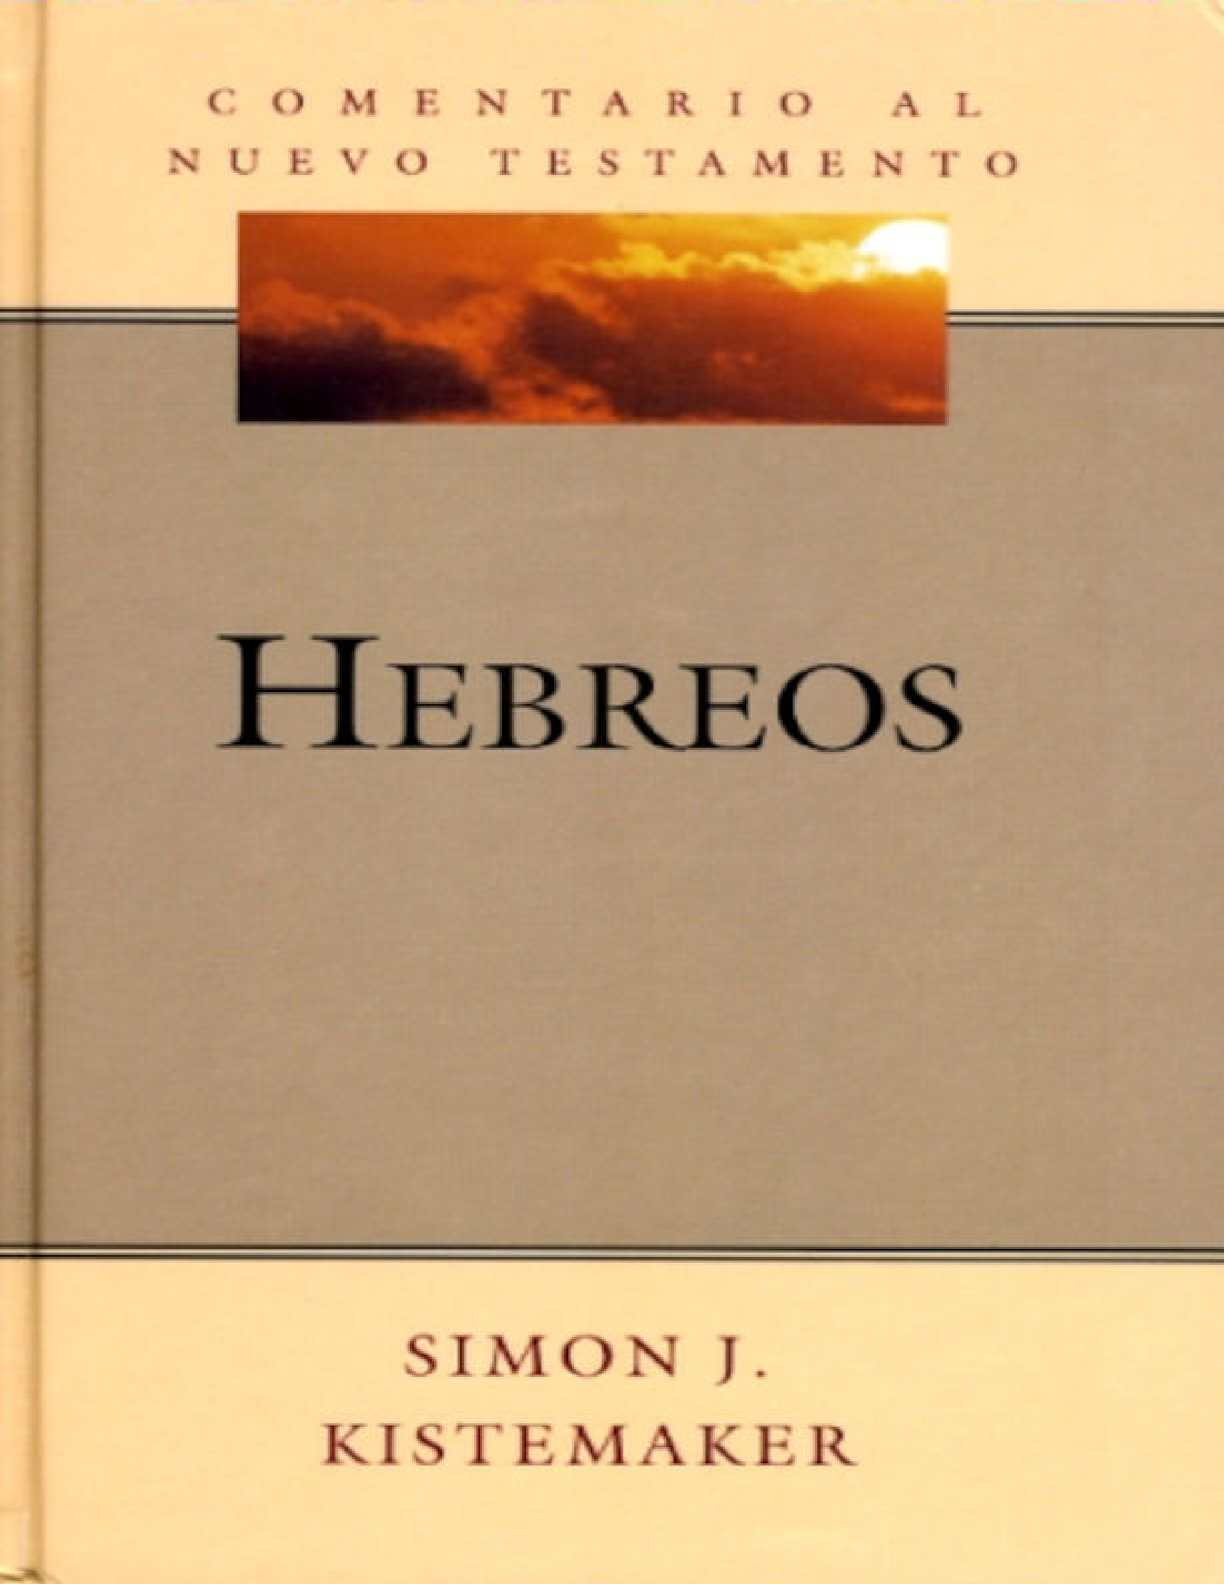 san francisco a1548 72435 Calaméo - Hebreos Comentario Bíblico del Nuevo Testamento Edi Desafío